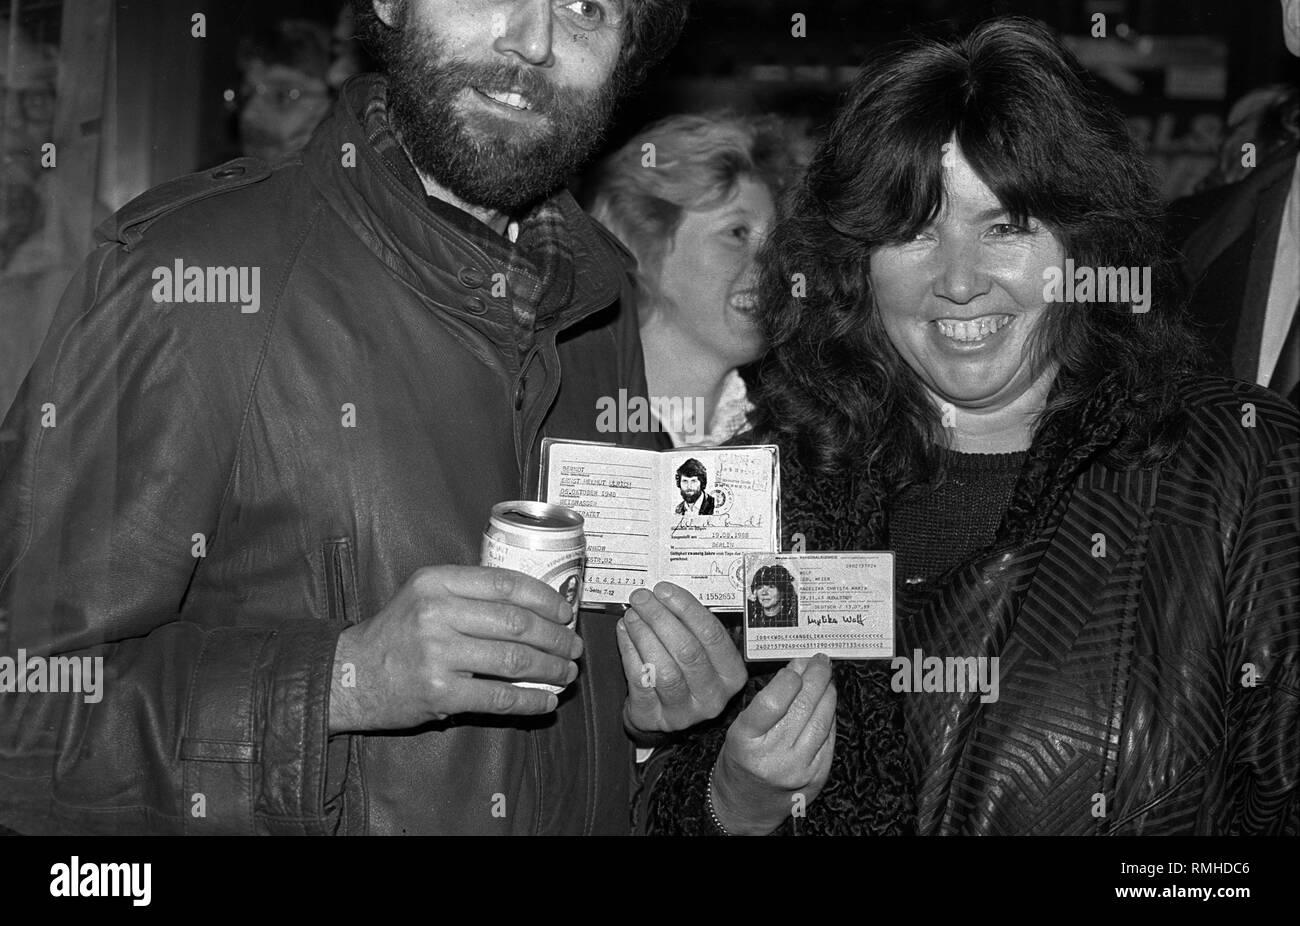 Germania Berlino, 8 ottobre 1989: Oriente e Occidente Berliner cittadini tenere le loro carte di identità in Breitscheidplatz nella notte della caduta del muro di Berlino. Immagini Stock